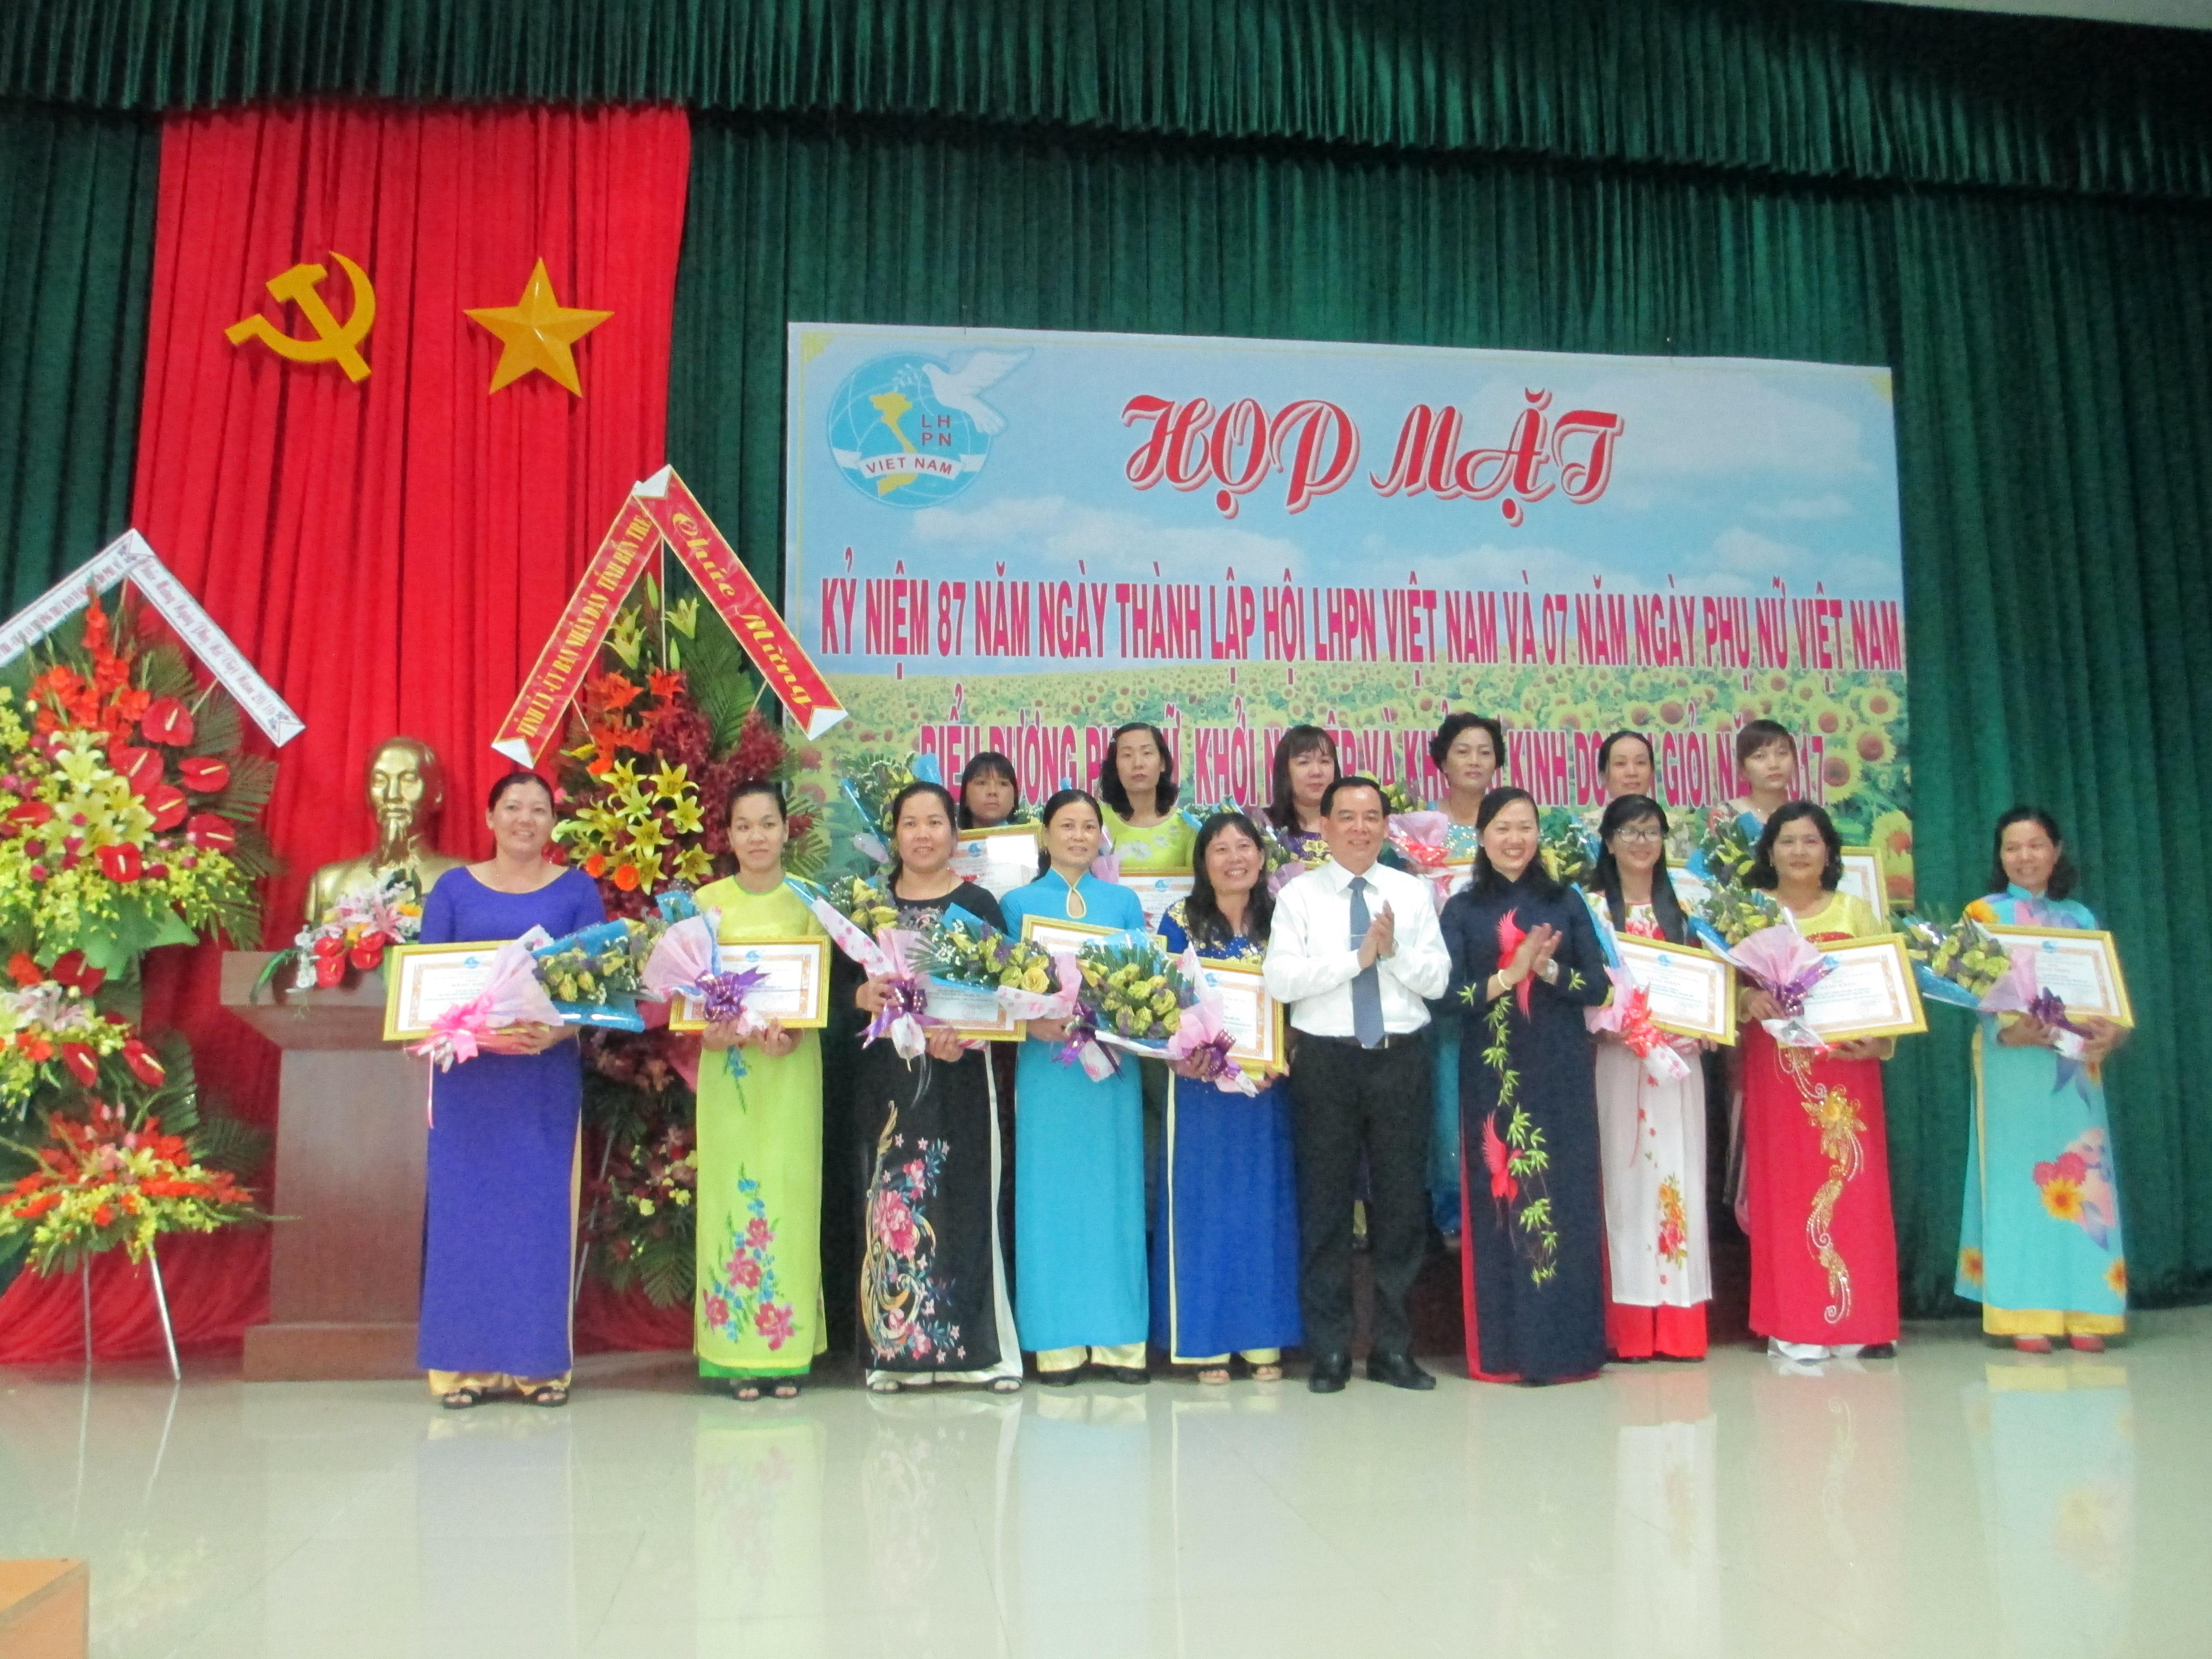 Họp mặt kỷ niệm 87 năm ngày thành lập Hội LHPN Việt Nam, 7 năm ngày phụ nữ Việt Nam 20/10 và biểu dương điển hình phụ nữ khởi nghiệp, khởi sự kinh doanh